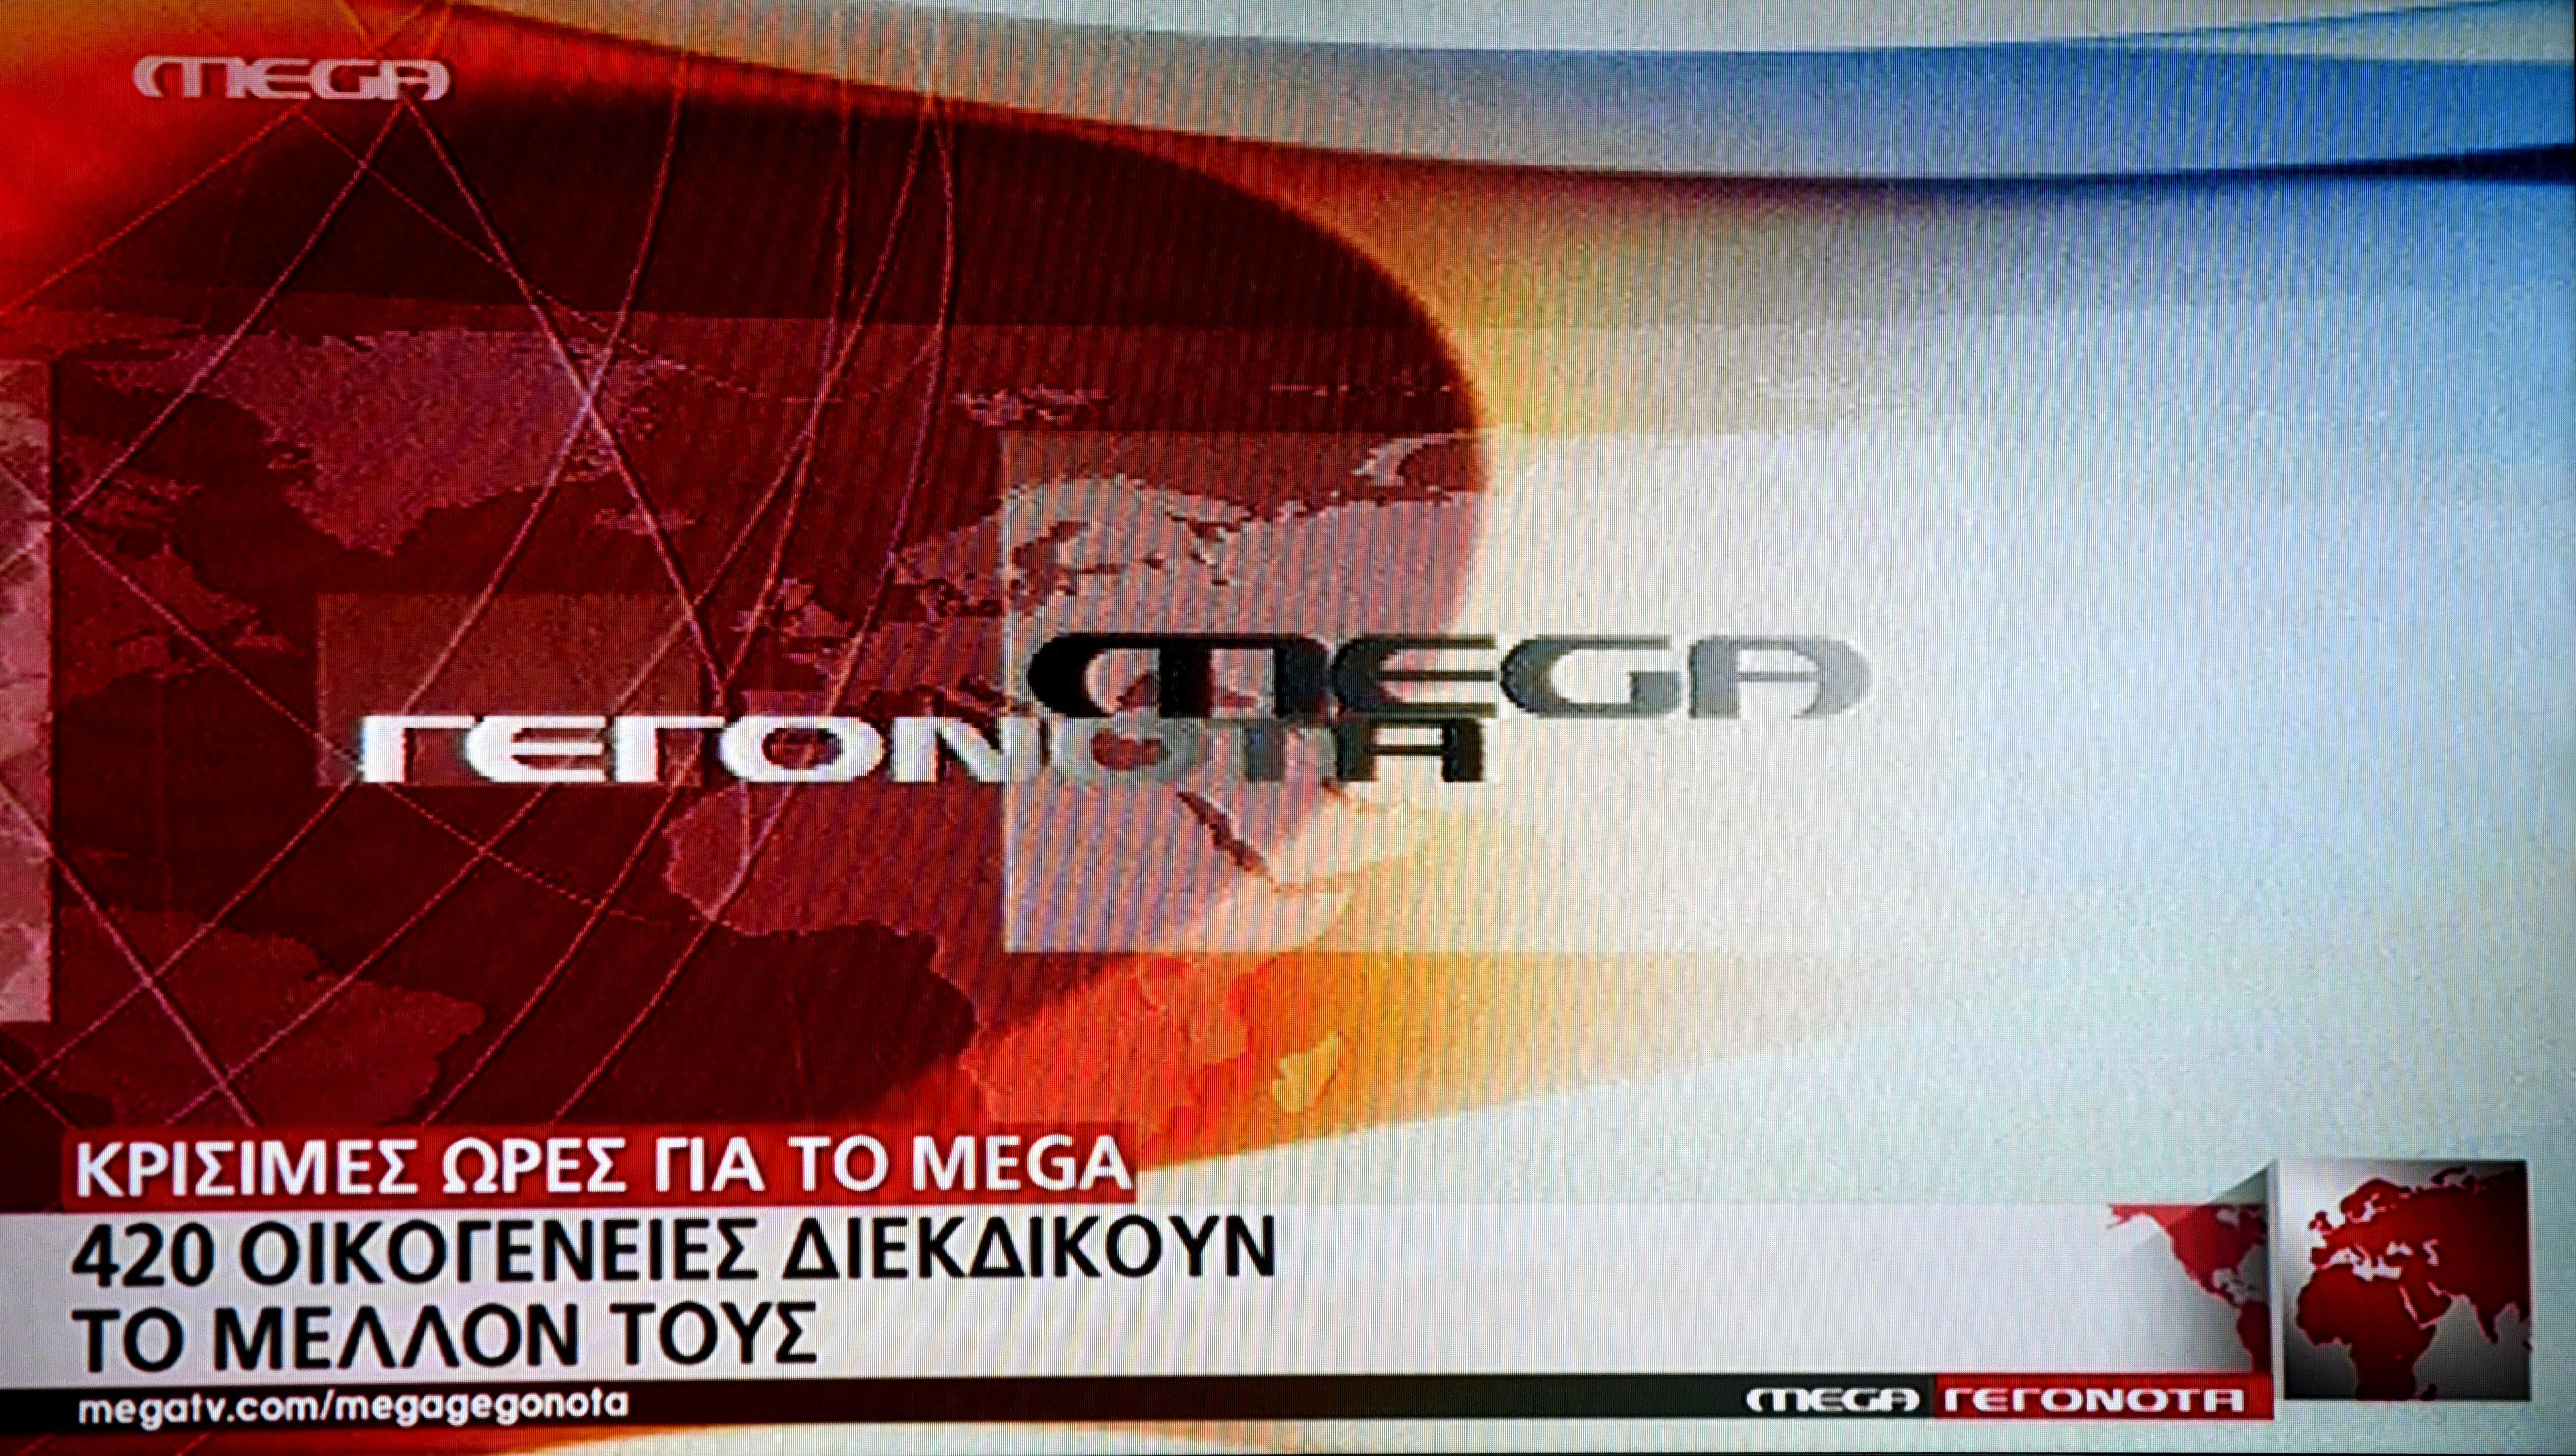 Στο ΣτΕ προσέφυγαν η ΠΟΣΠΕΡΤ και οι εργαζόμενοι του MEGA κατά της απόφασης του